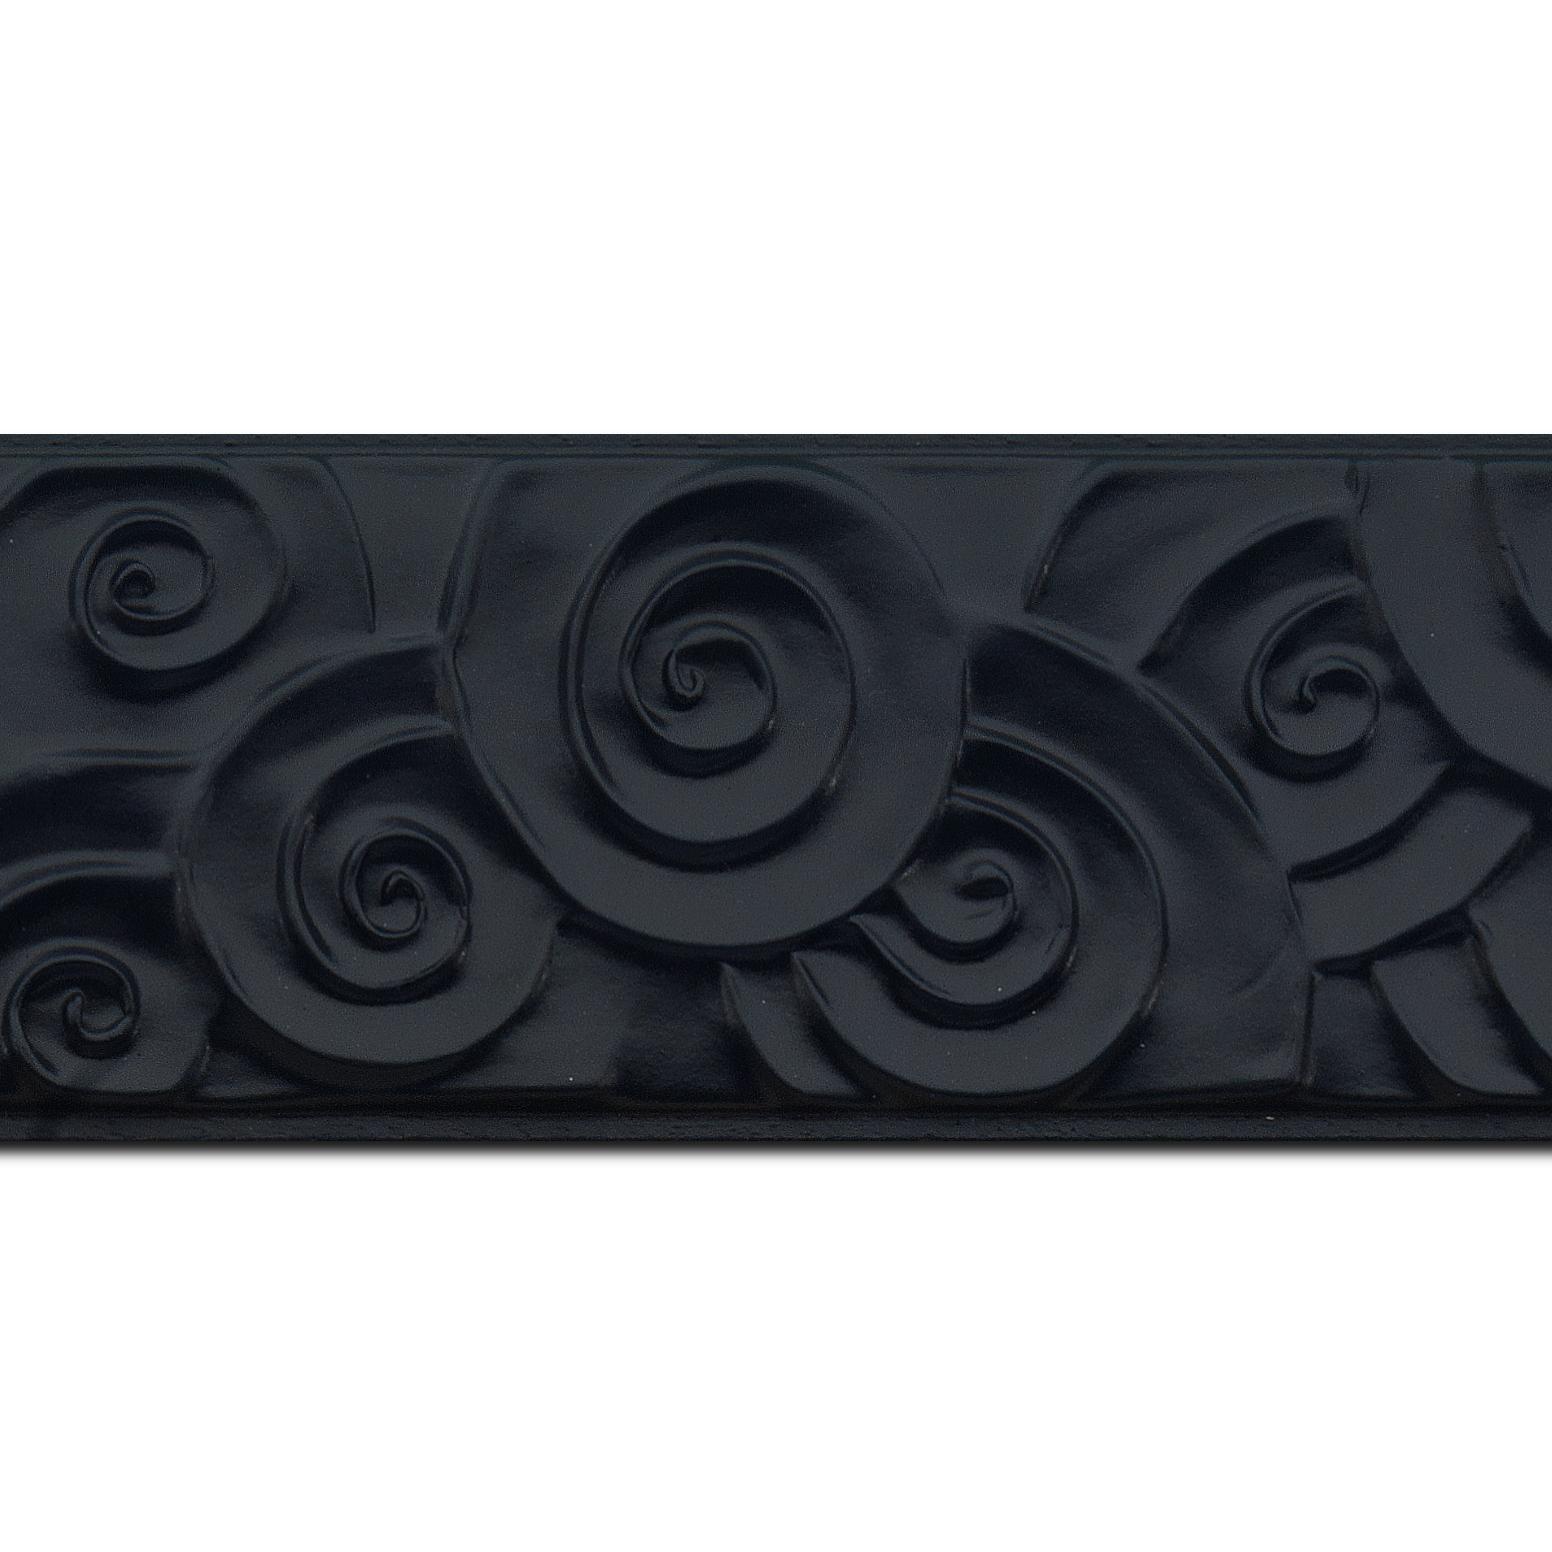 Baguette longueur 1.40m bois profil plat largeur 7cm couleur noir mat effet tourbillon